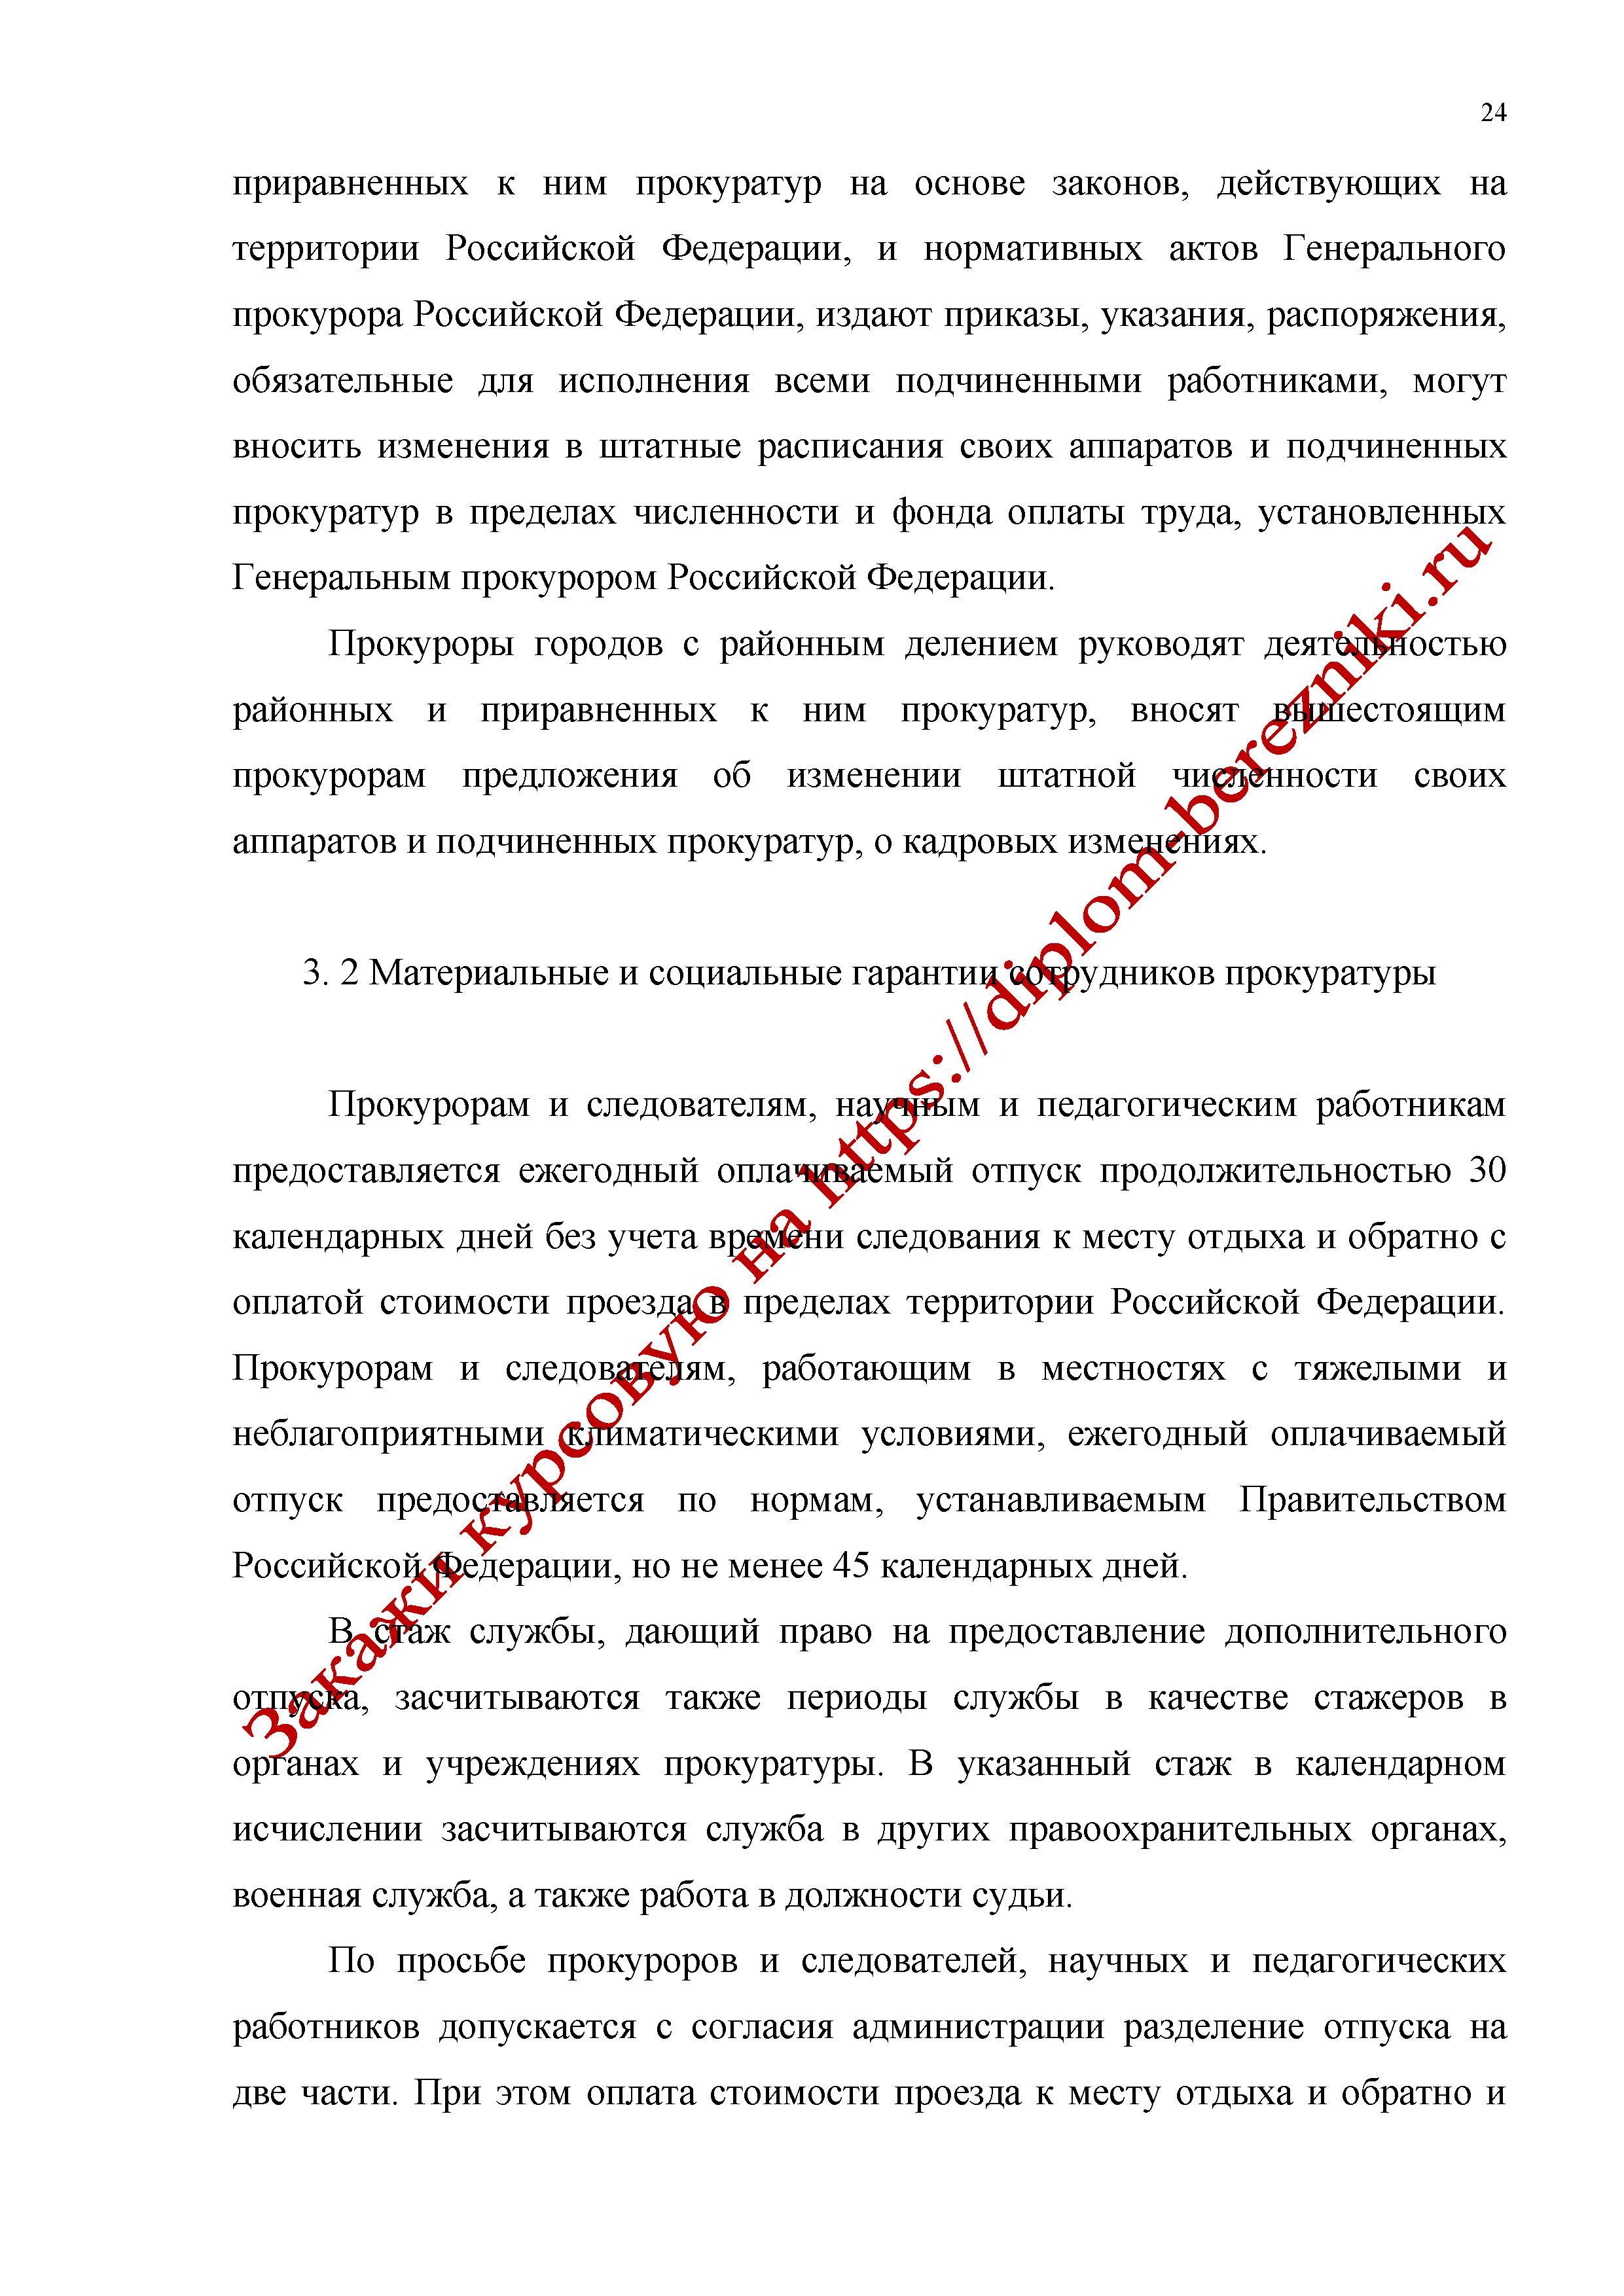 Генеральный прокурор Российской Федерации